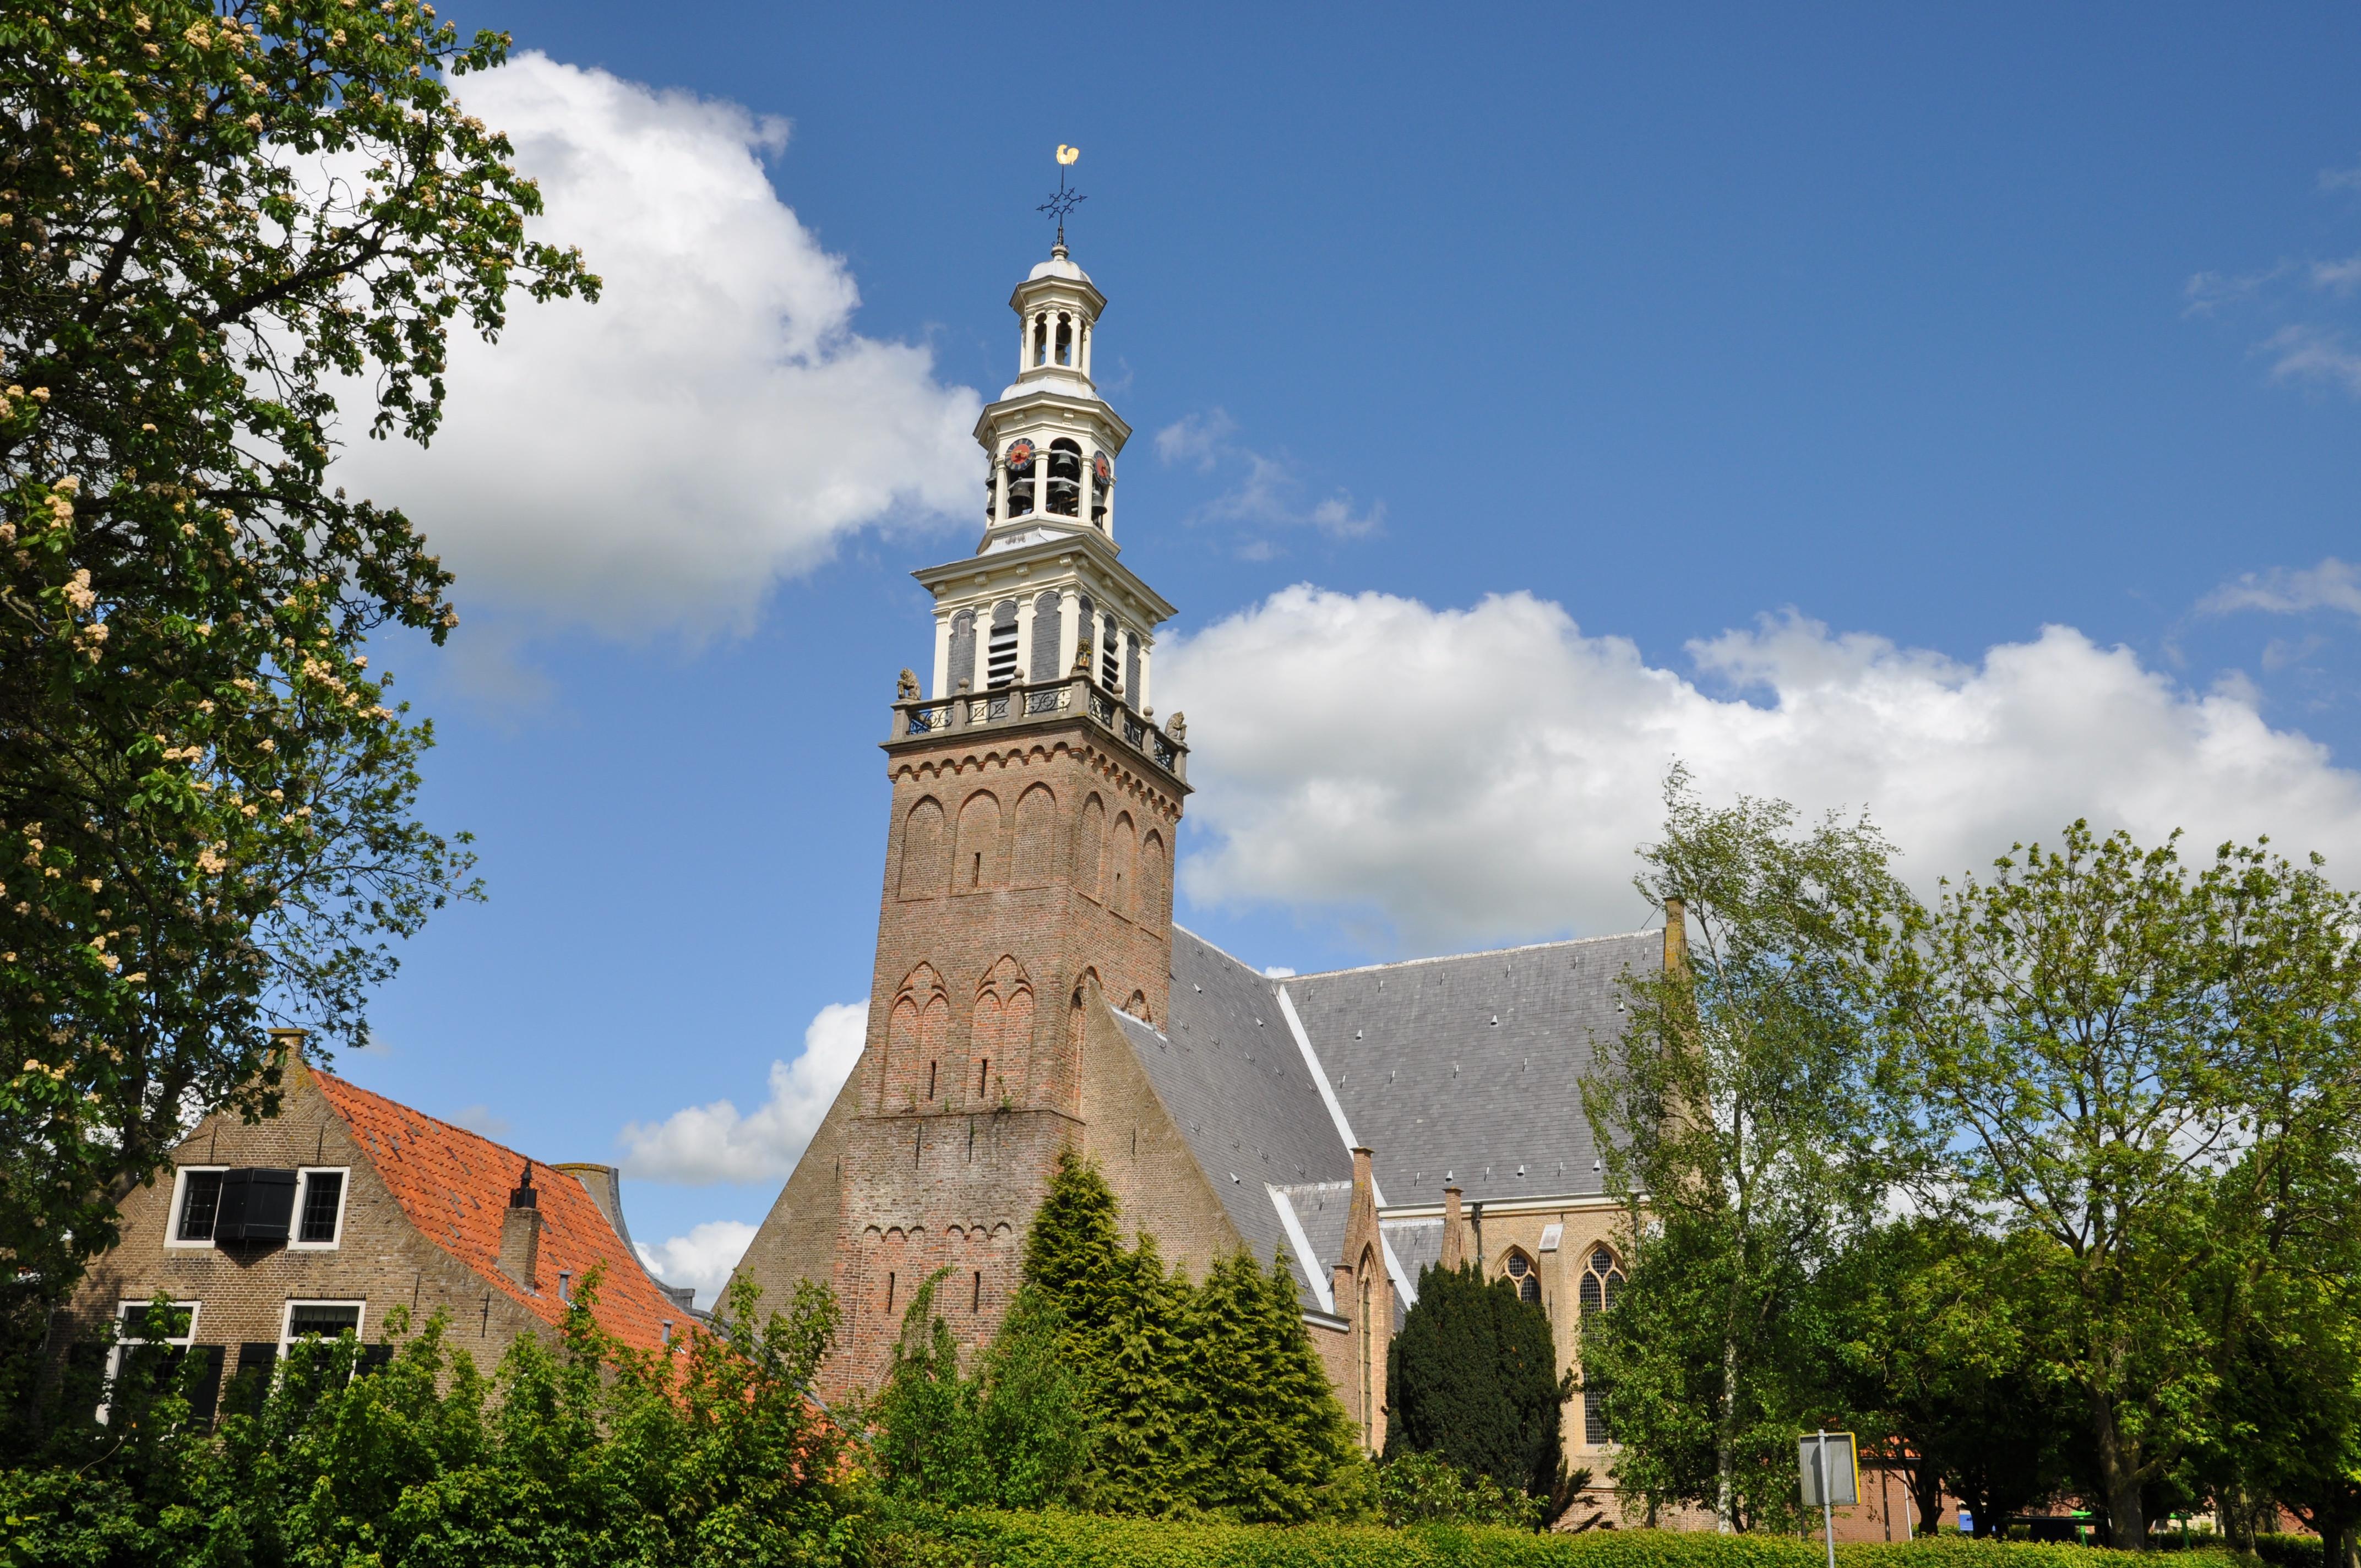 File:Hervormde Kerk Haastrecht 16052012B.JPG - Wikimedia ...